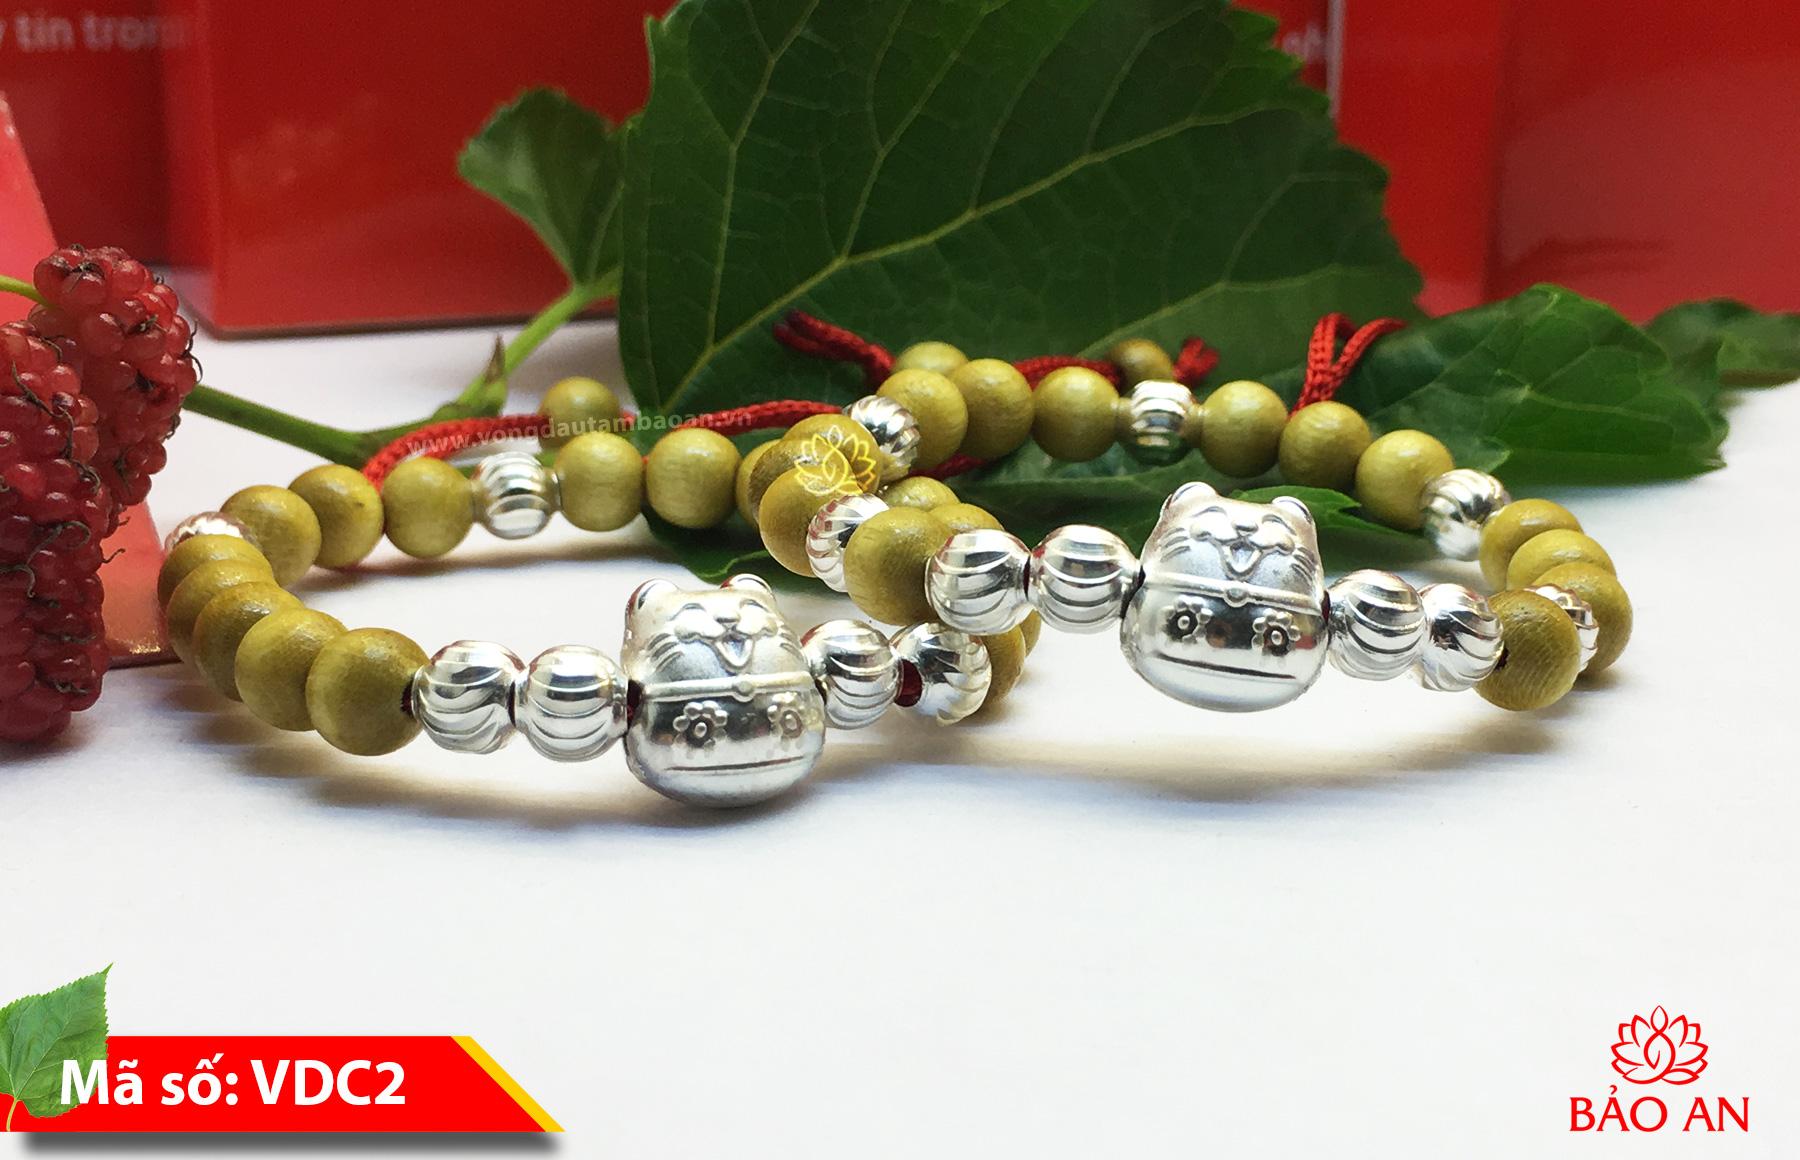 vongdautambaoan-VDC2-C